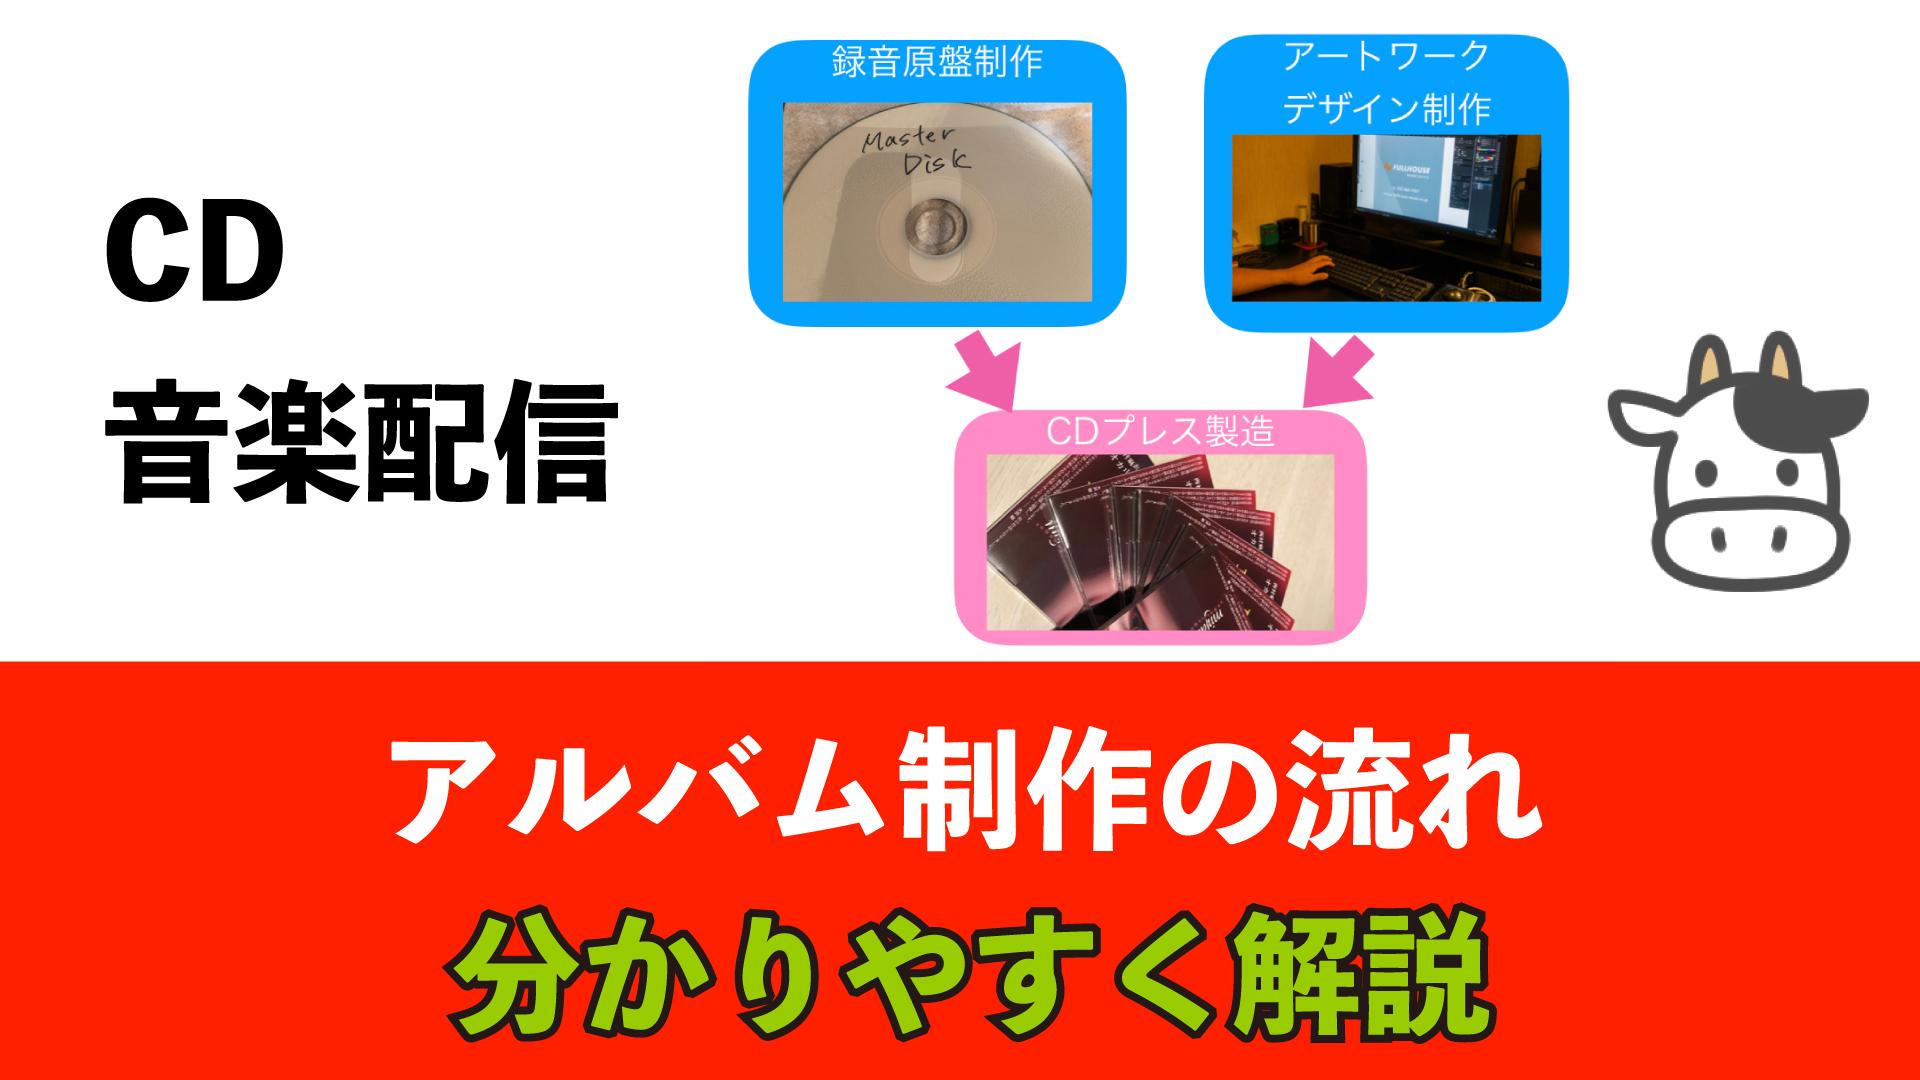 アルバム制作の流れ【CD制作・音楽配信】3つの工程